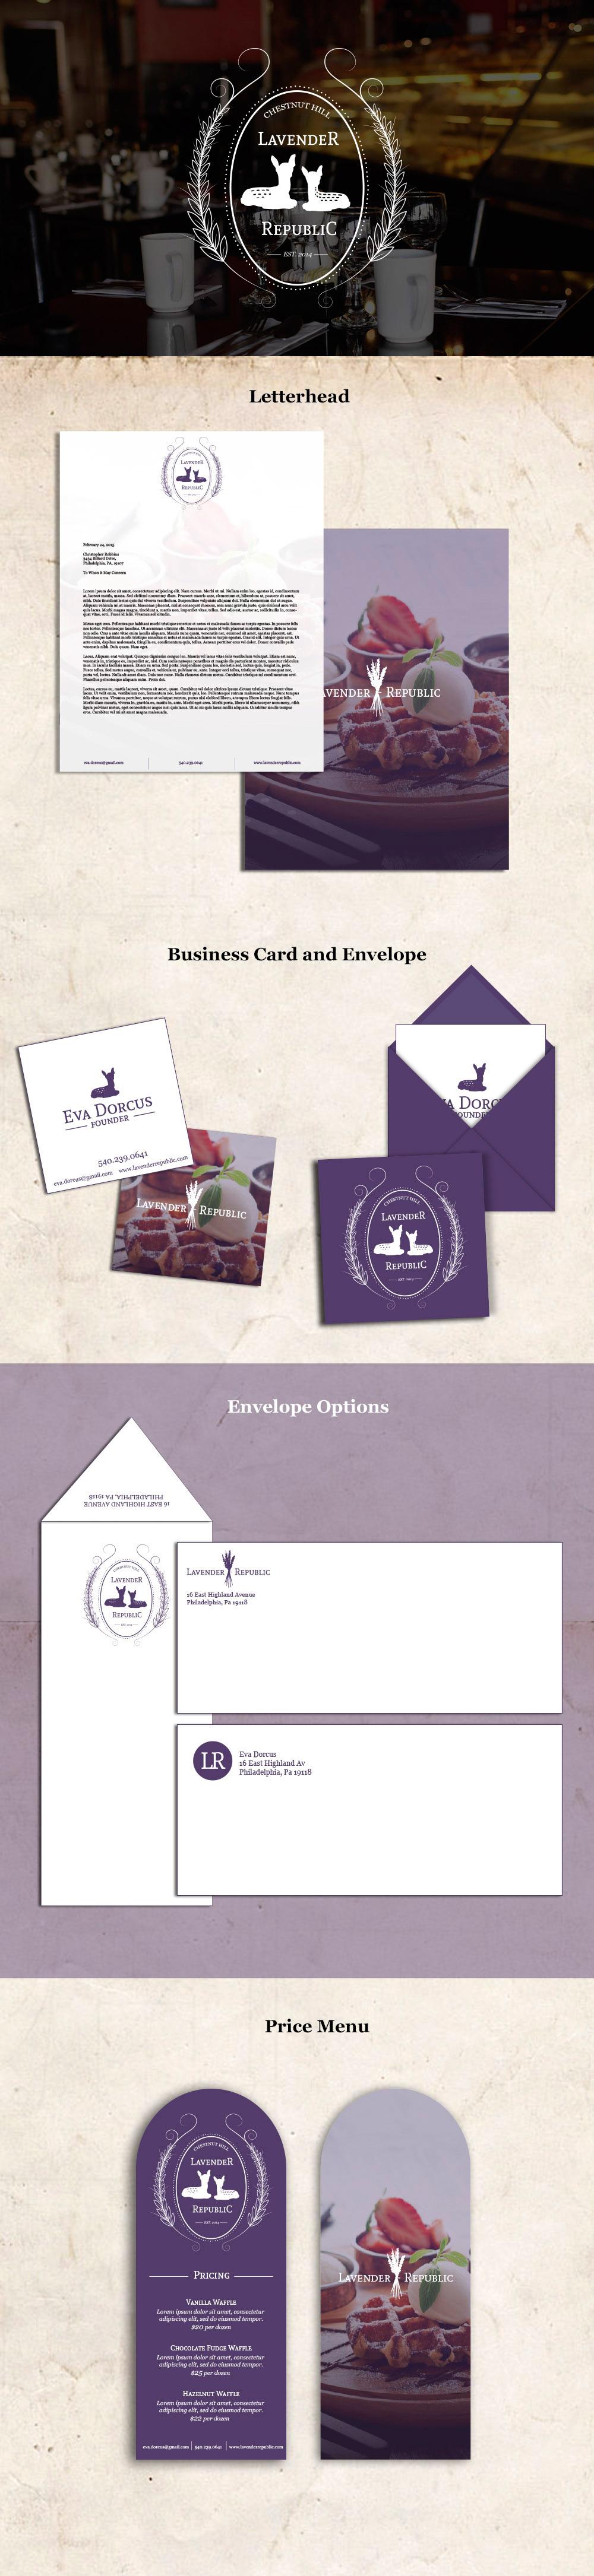 Lavender_assets (1).jpg